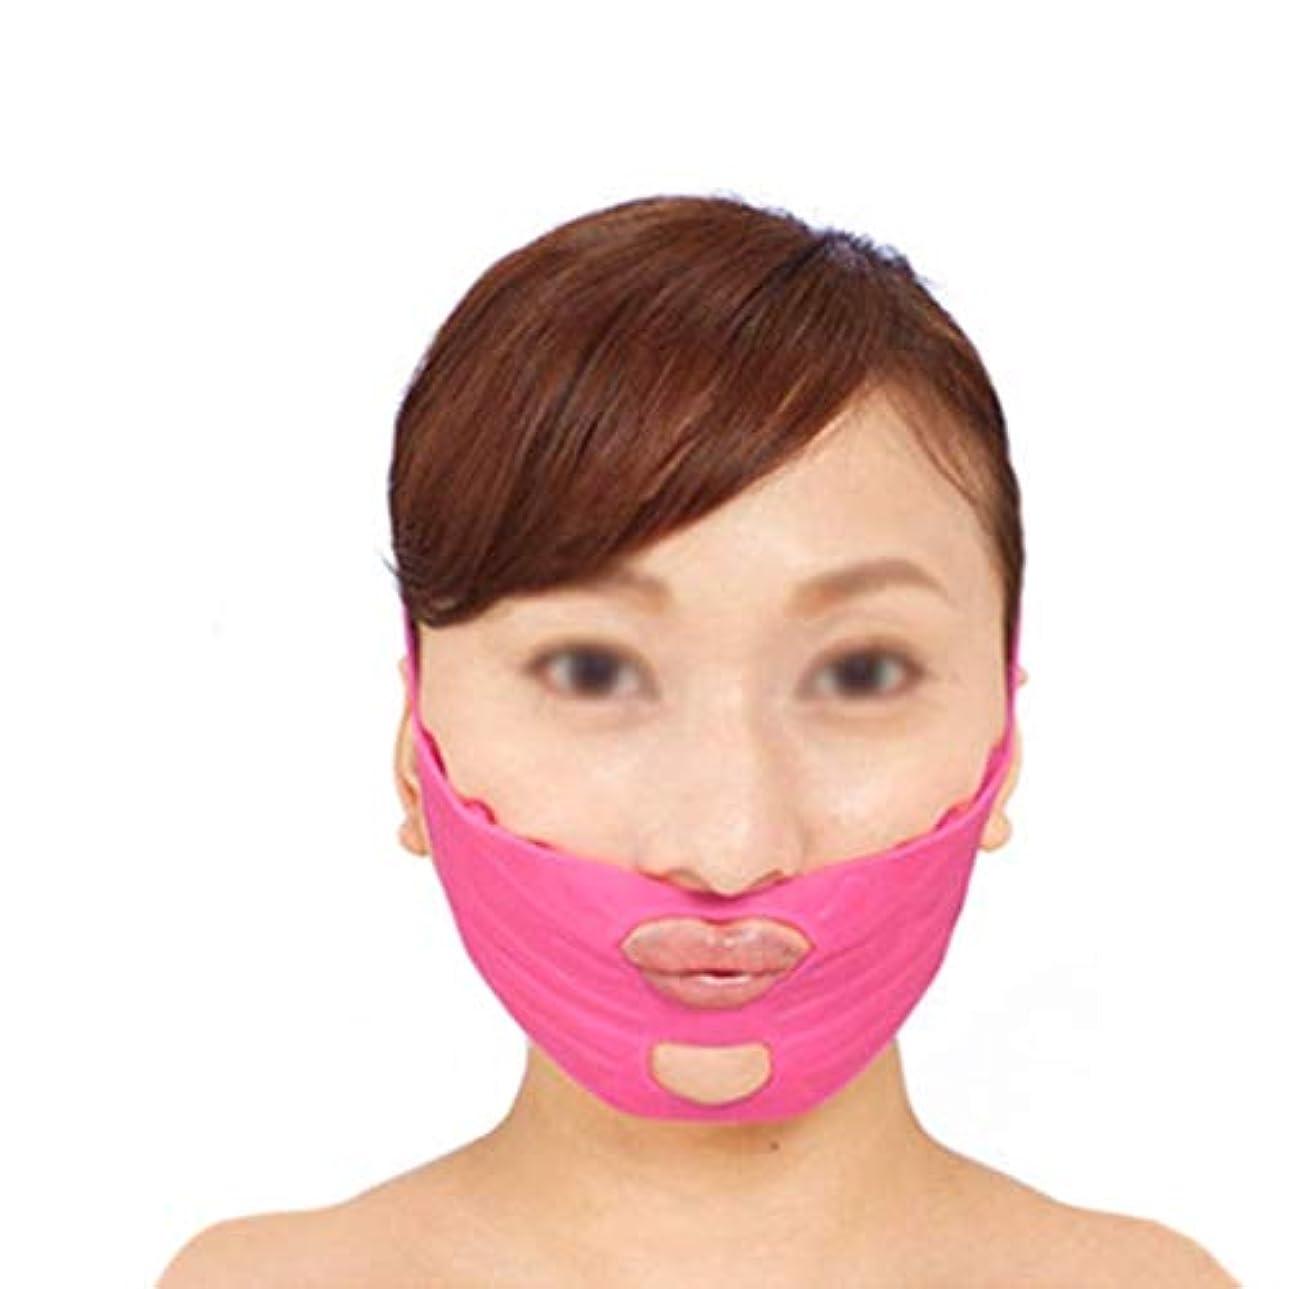 プラスチックコショウスリップフェイスストラップ付きマスク、プルアップフェイスマスク、フェイスリフティングマスク、フェイスタイトニングバンデージ、フェイシャルリフティングバンデージ、ダブルチンを減らすためのリフティングフェイスバンド(ピンク、ワンサイズ)